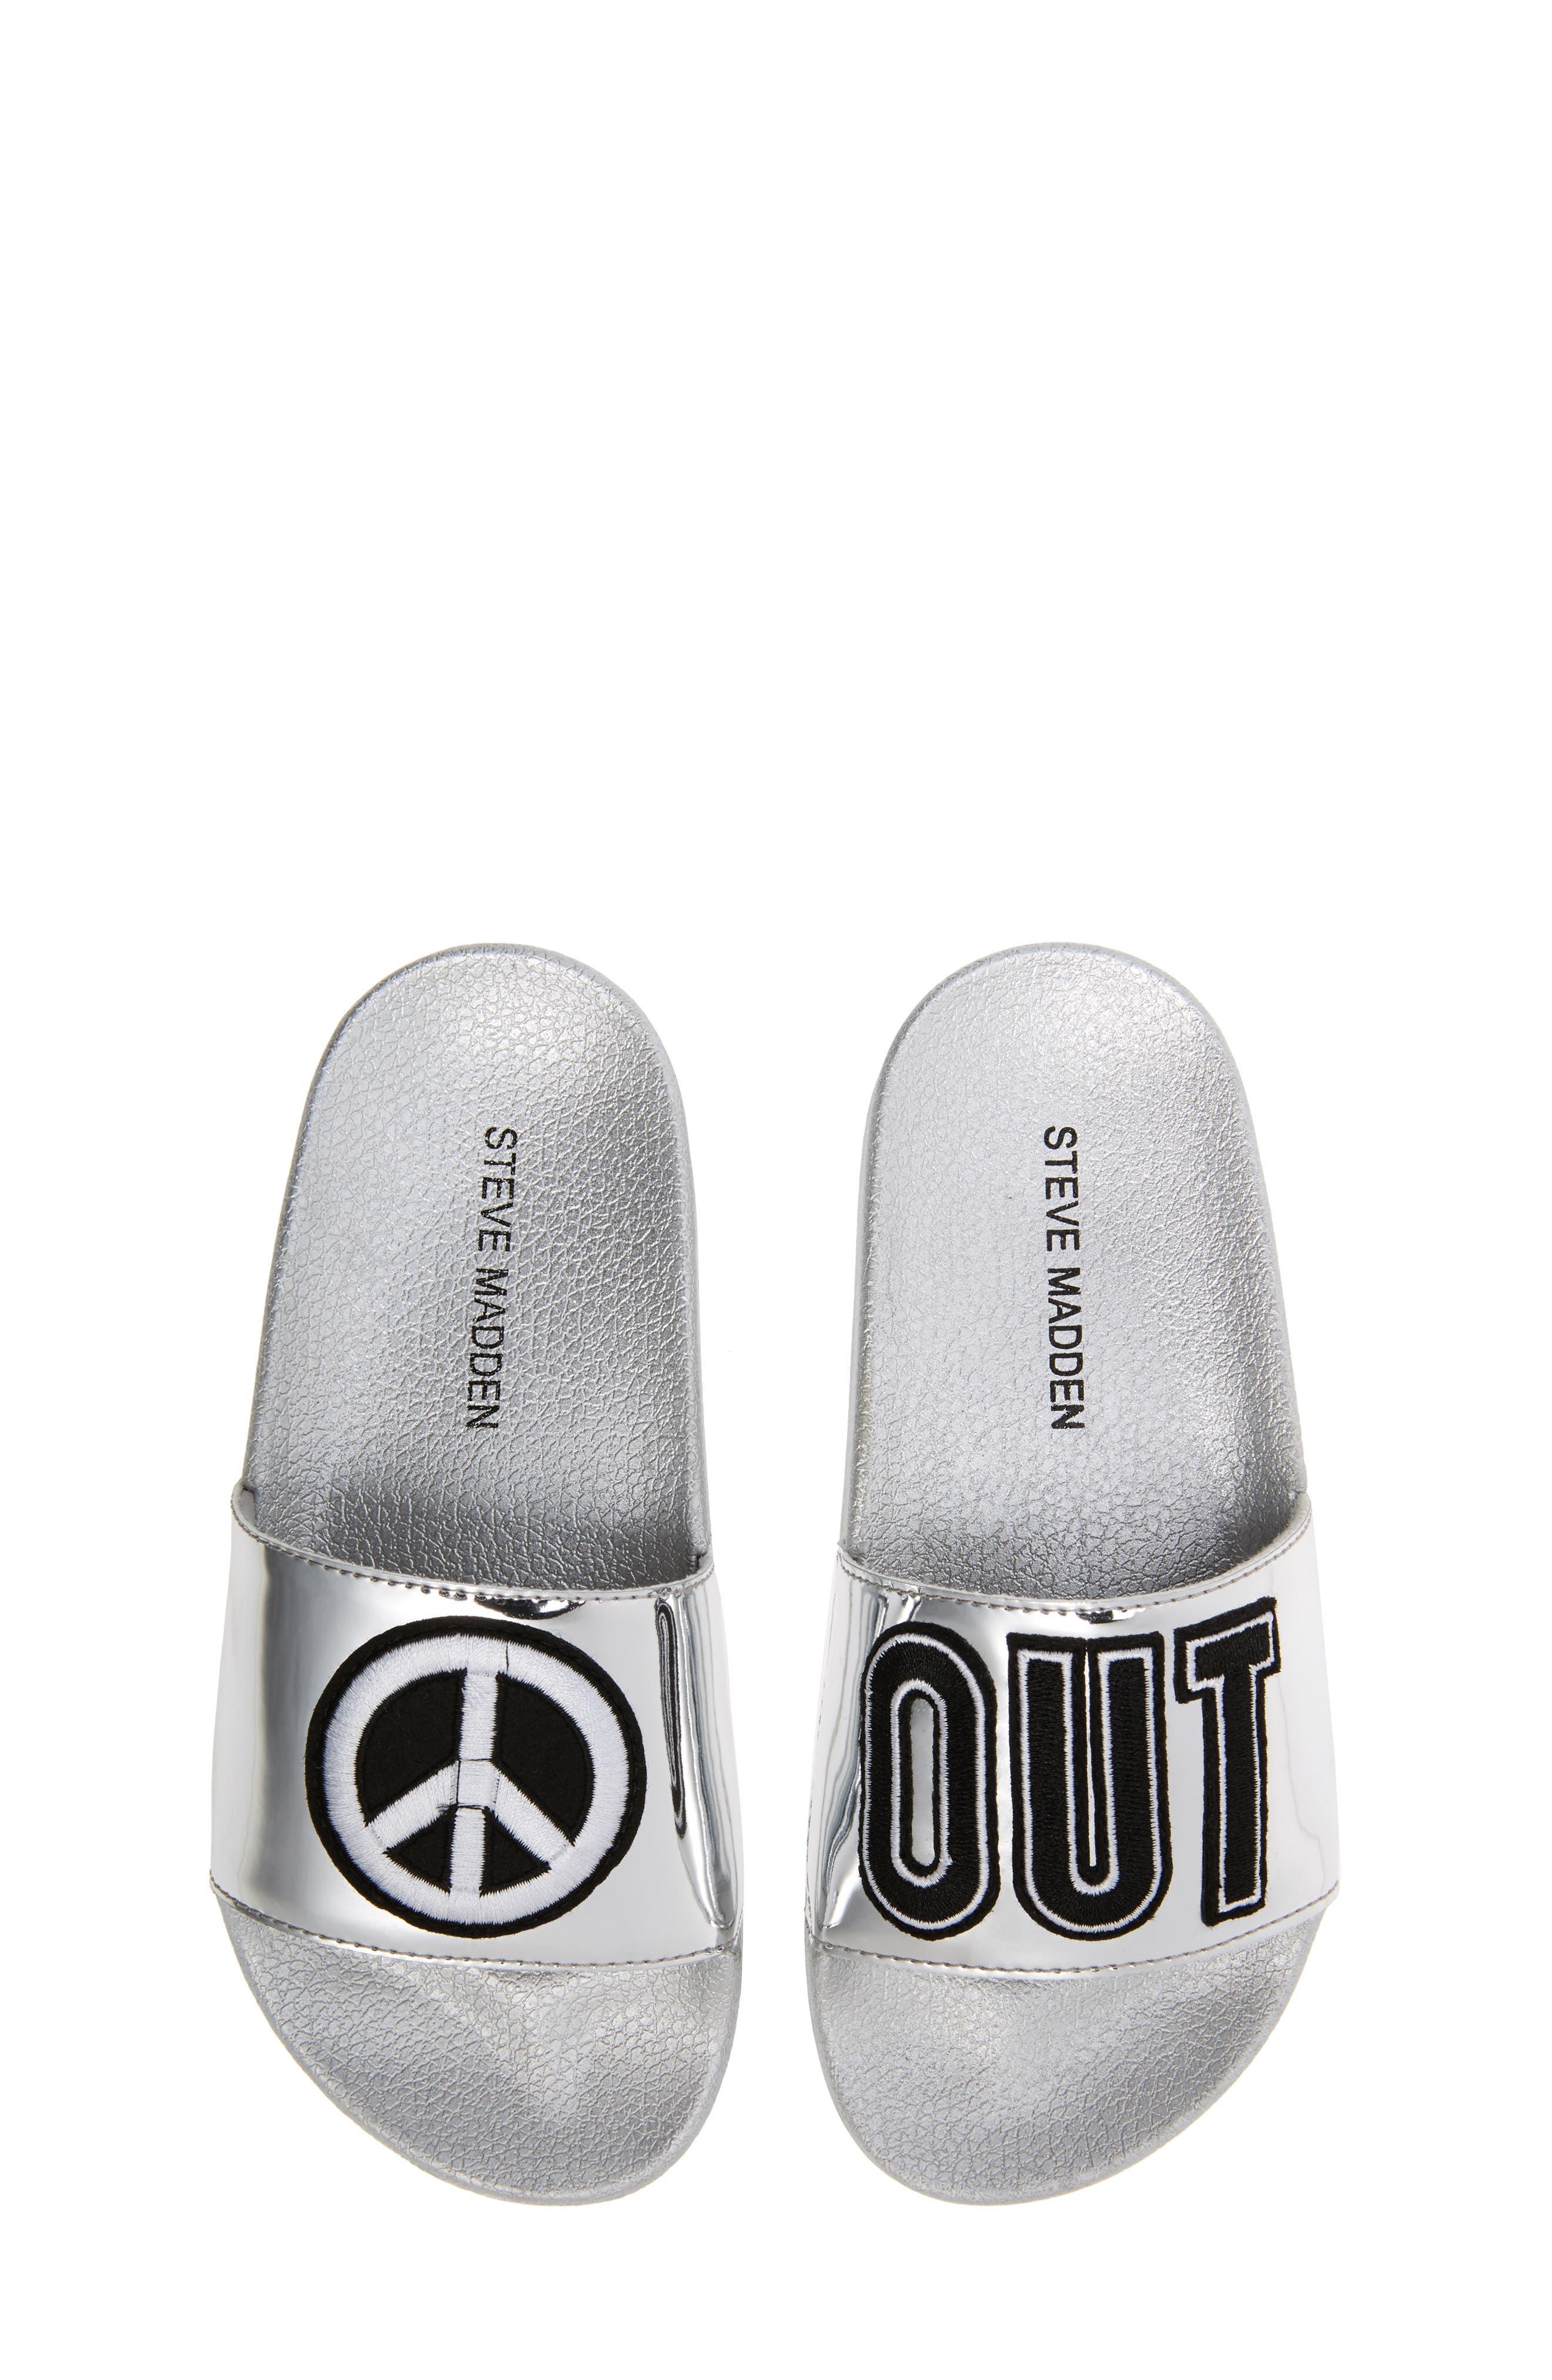 STEVE MADDEN Jgrltalk Appliqué Slide Sandal